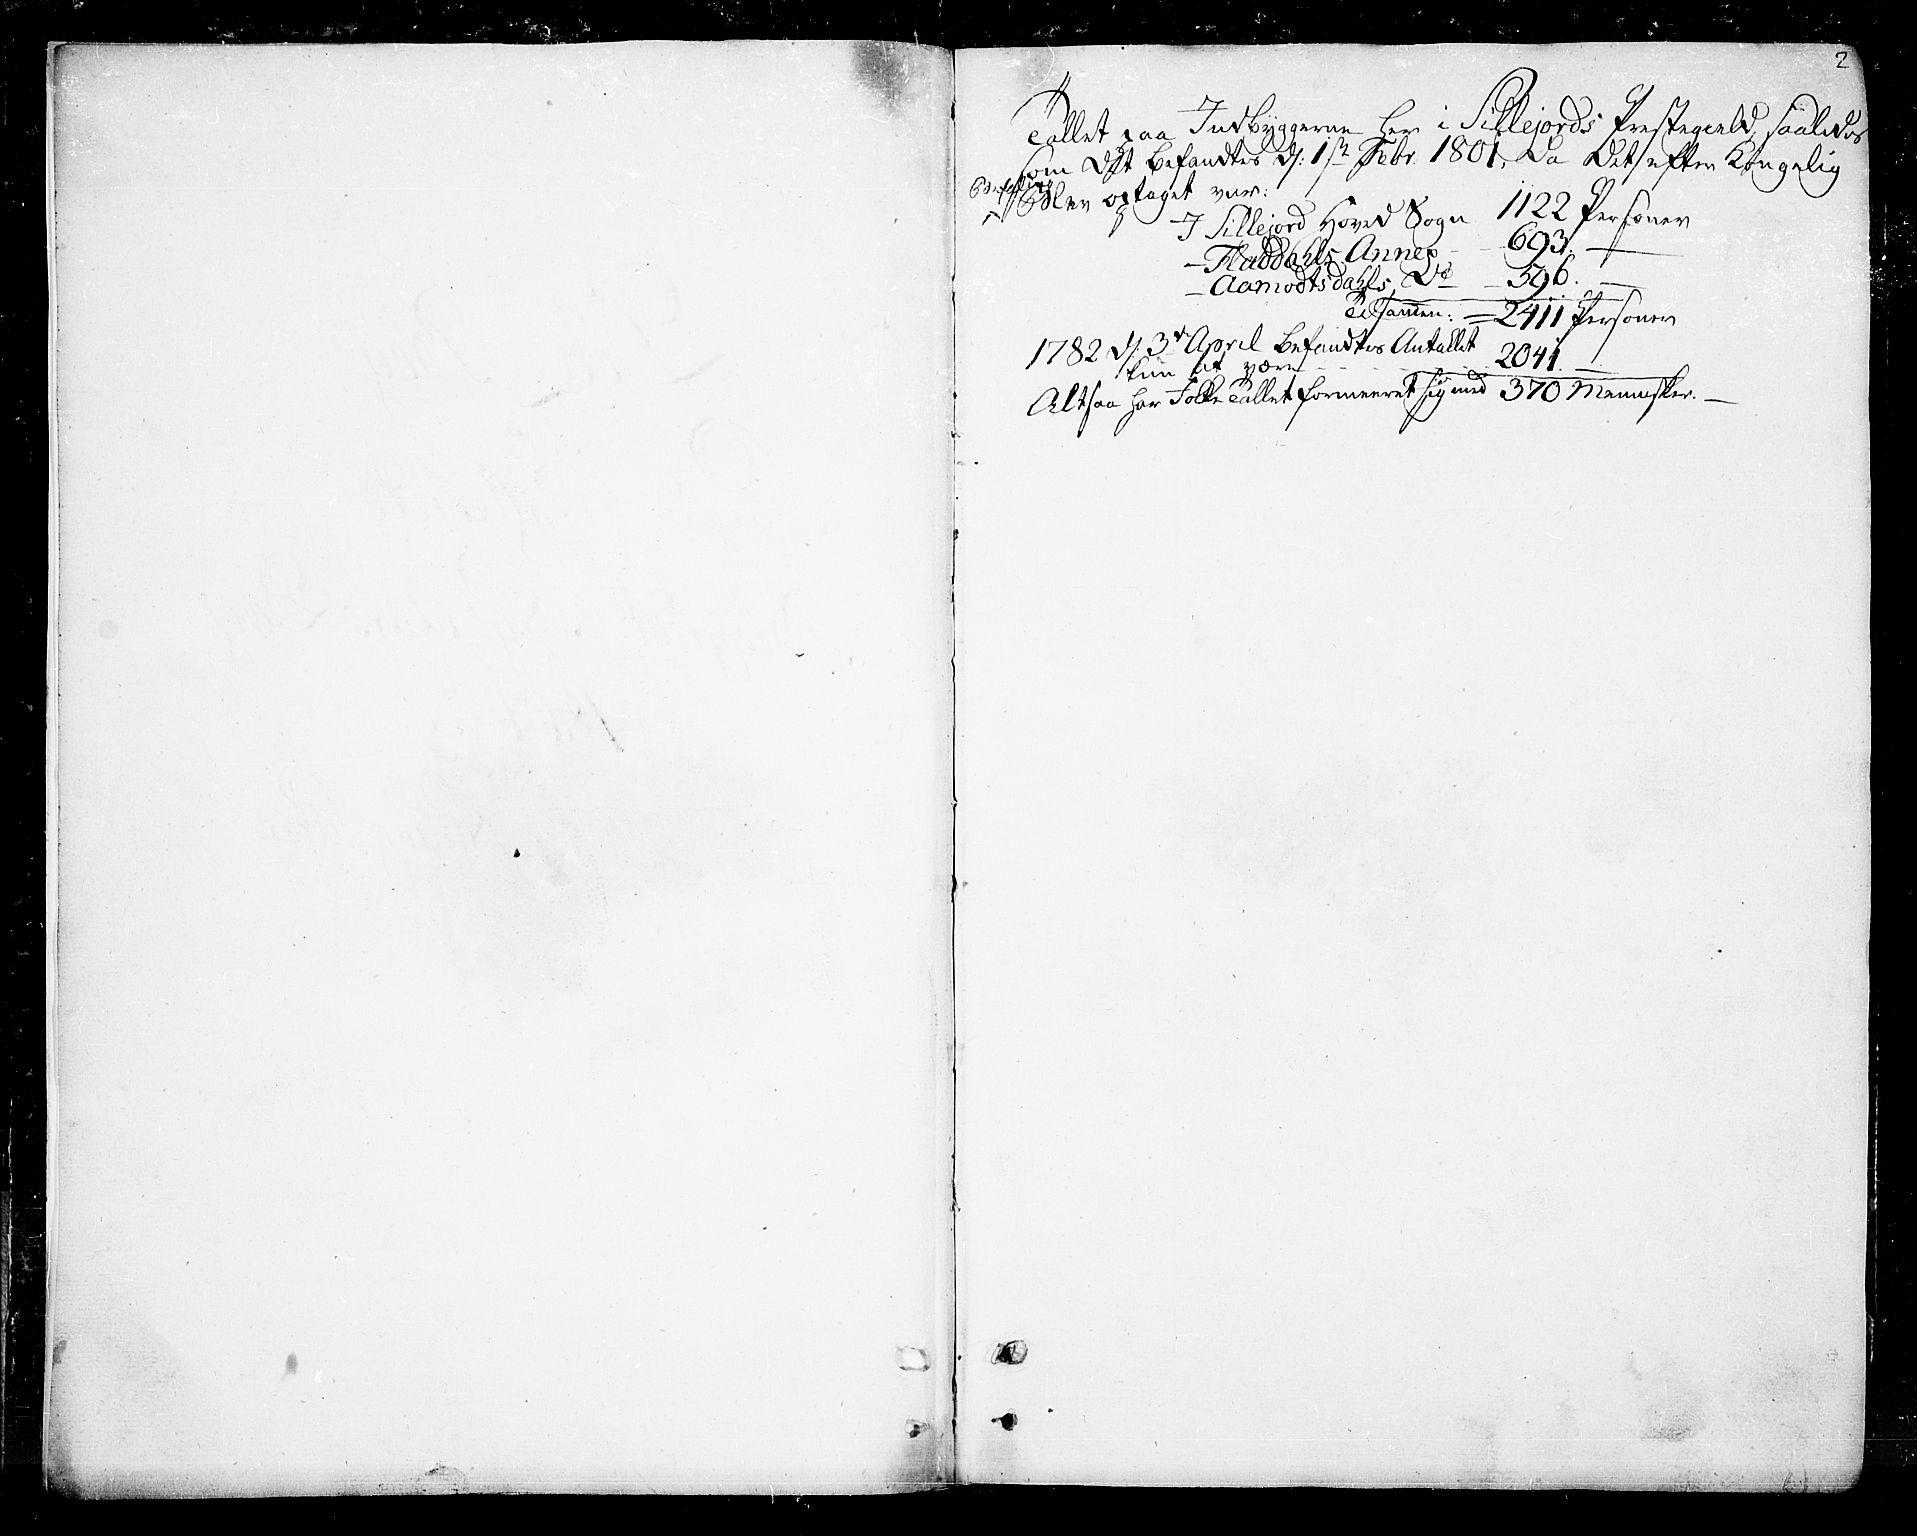 SAKO, Seljord kirkebøker, F/Fa/L0009: Ministerialbok nr. I 9, 1801-1814, s. 2